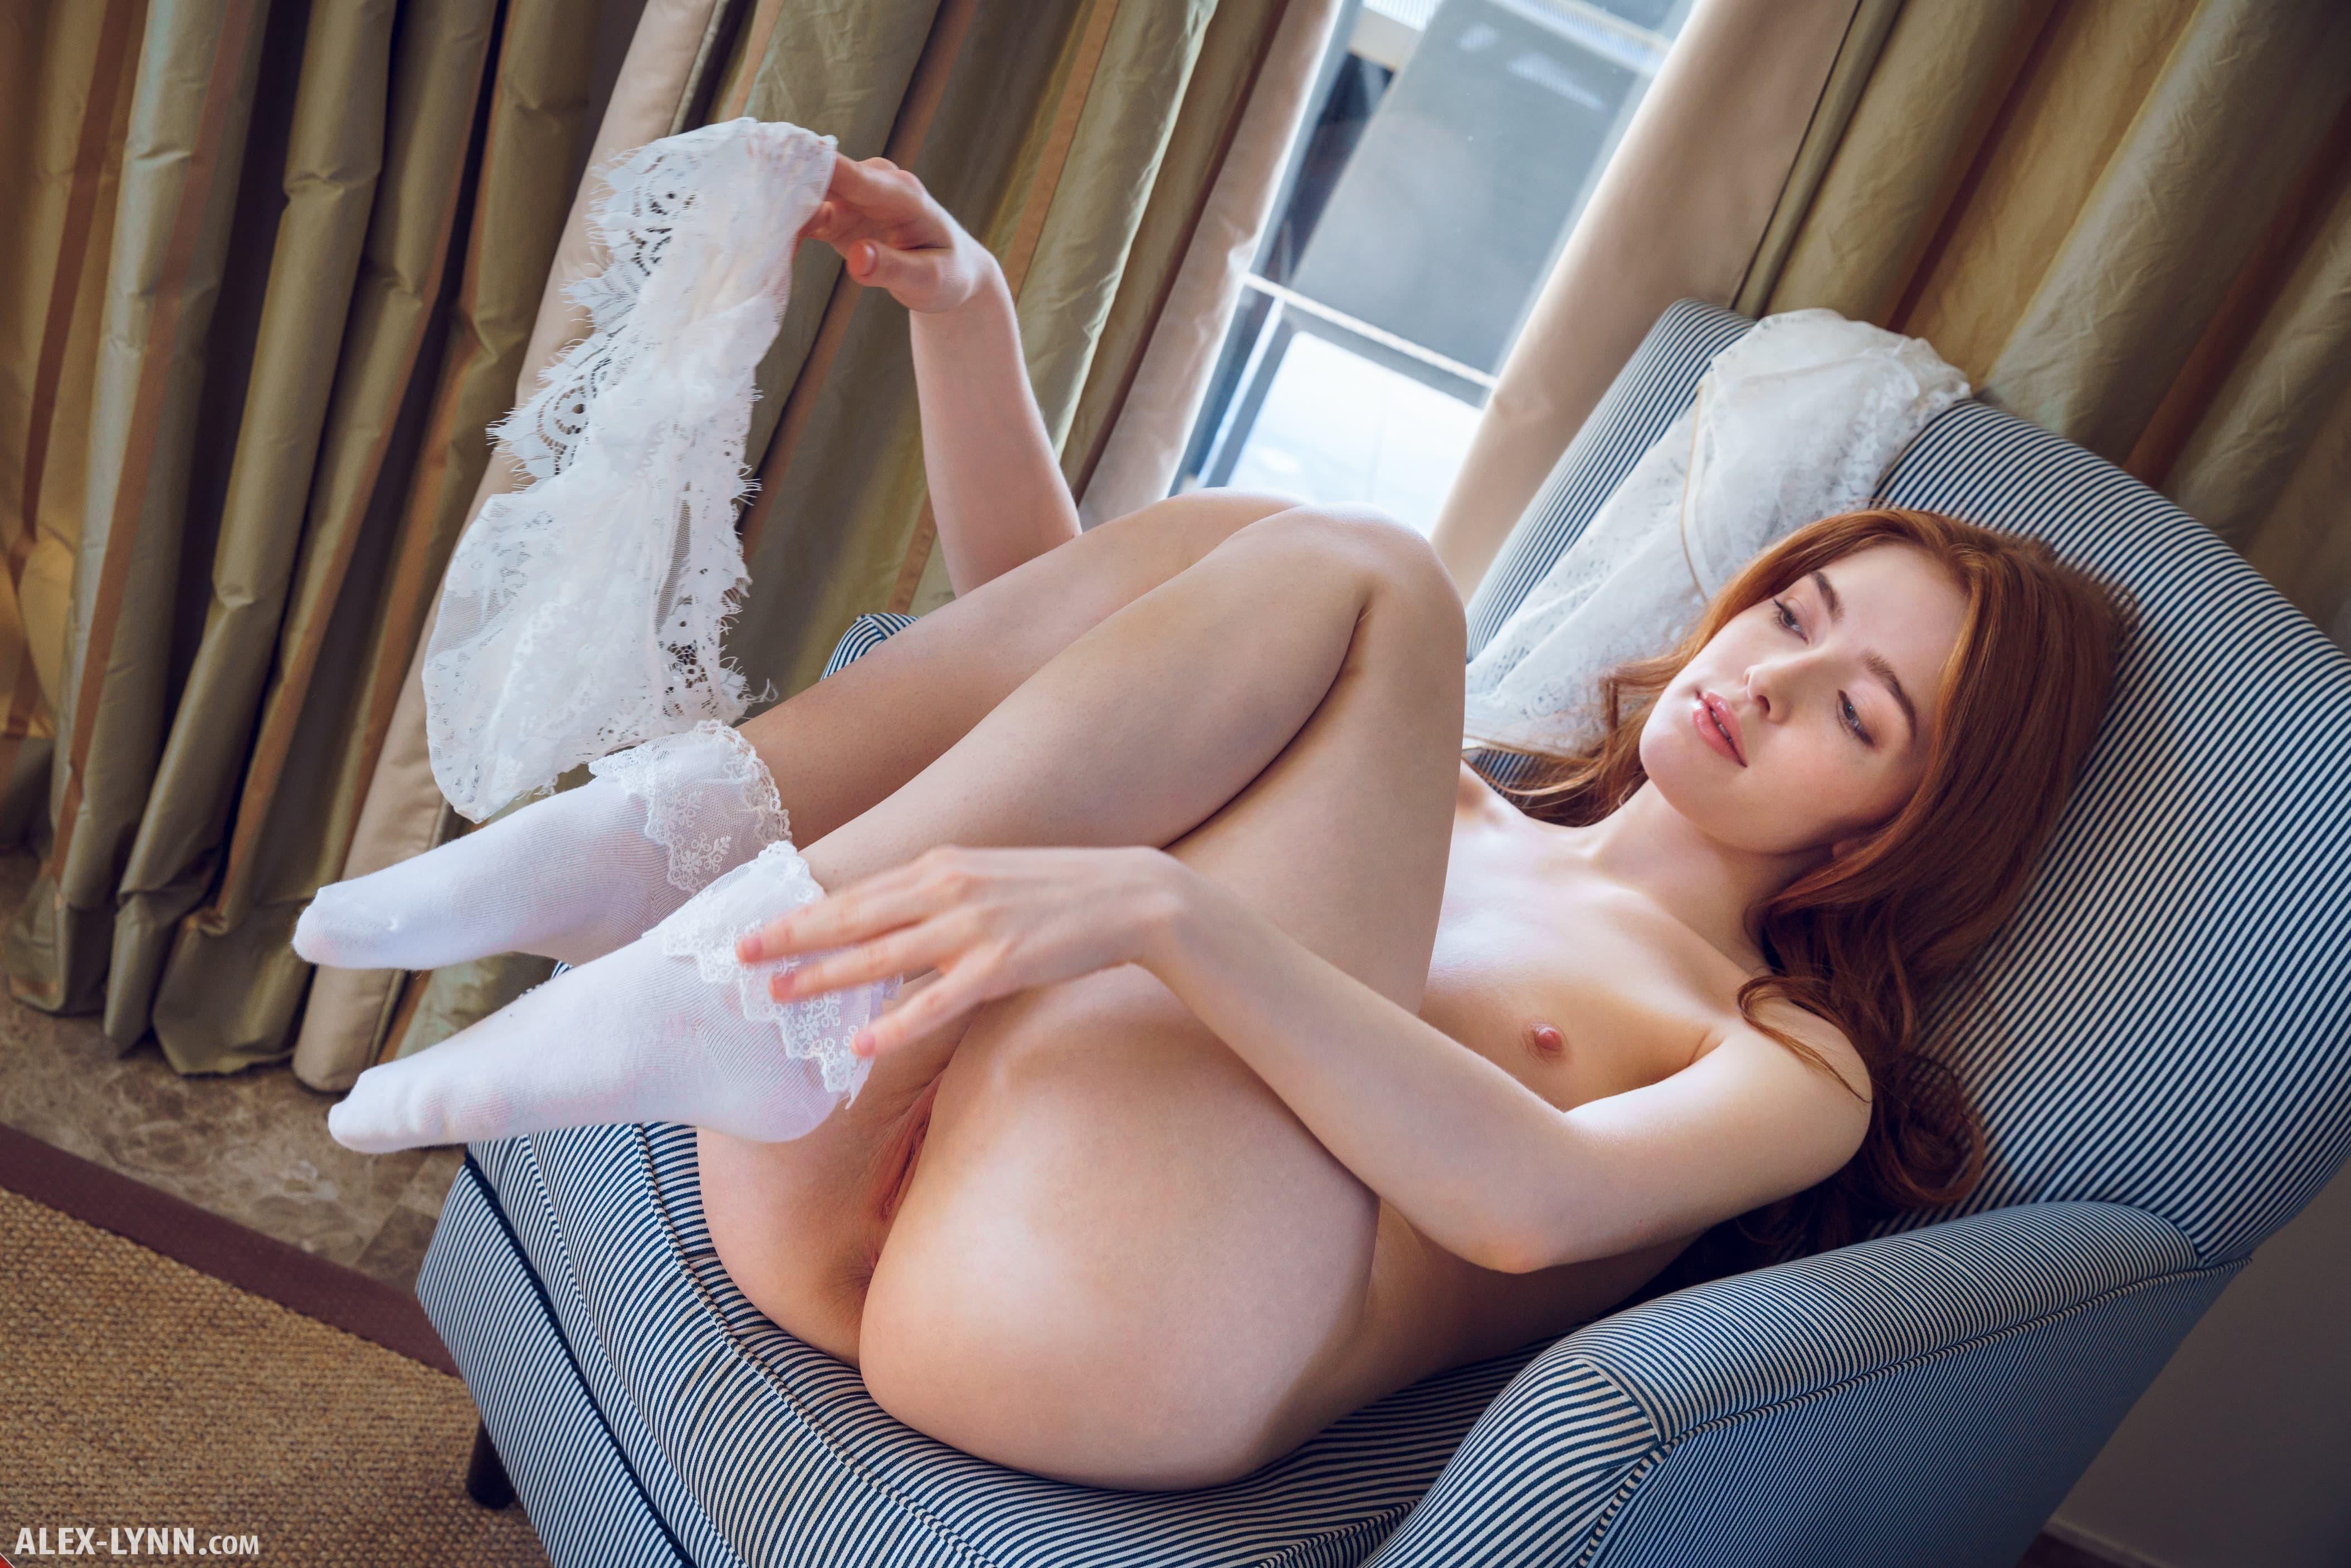 Рыжая девушка в носках ласкает киску - фото